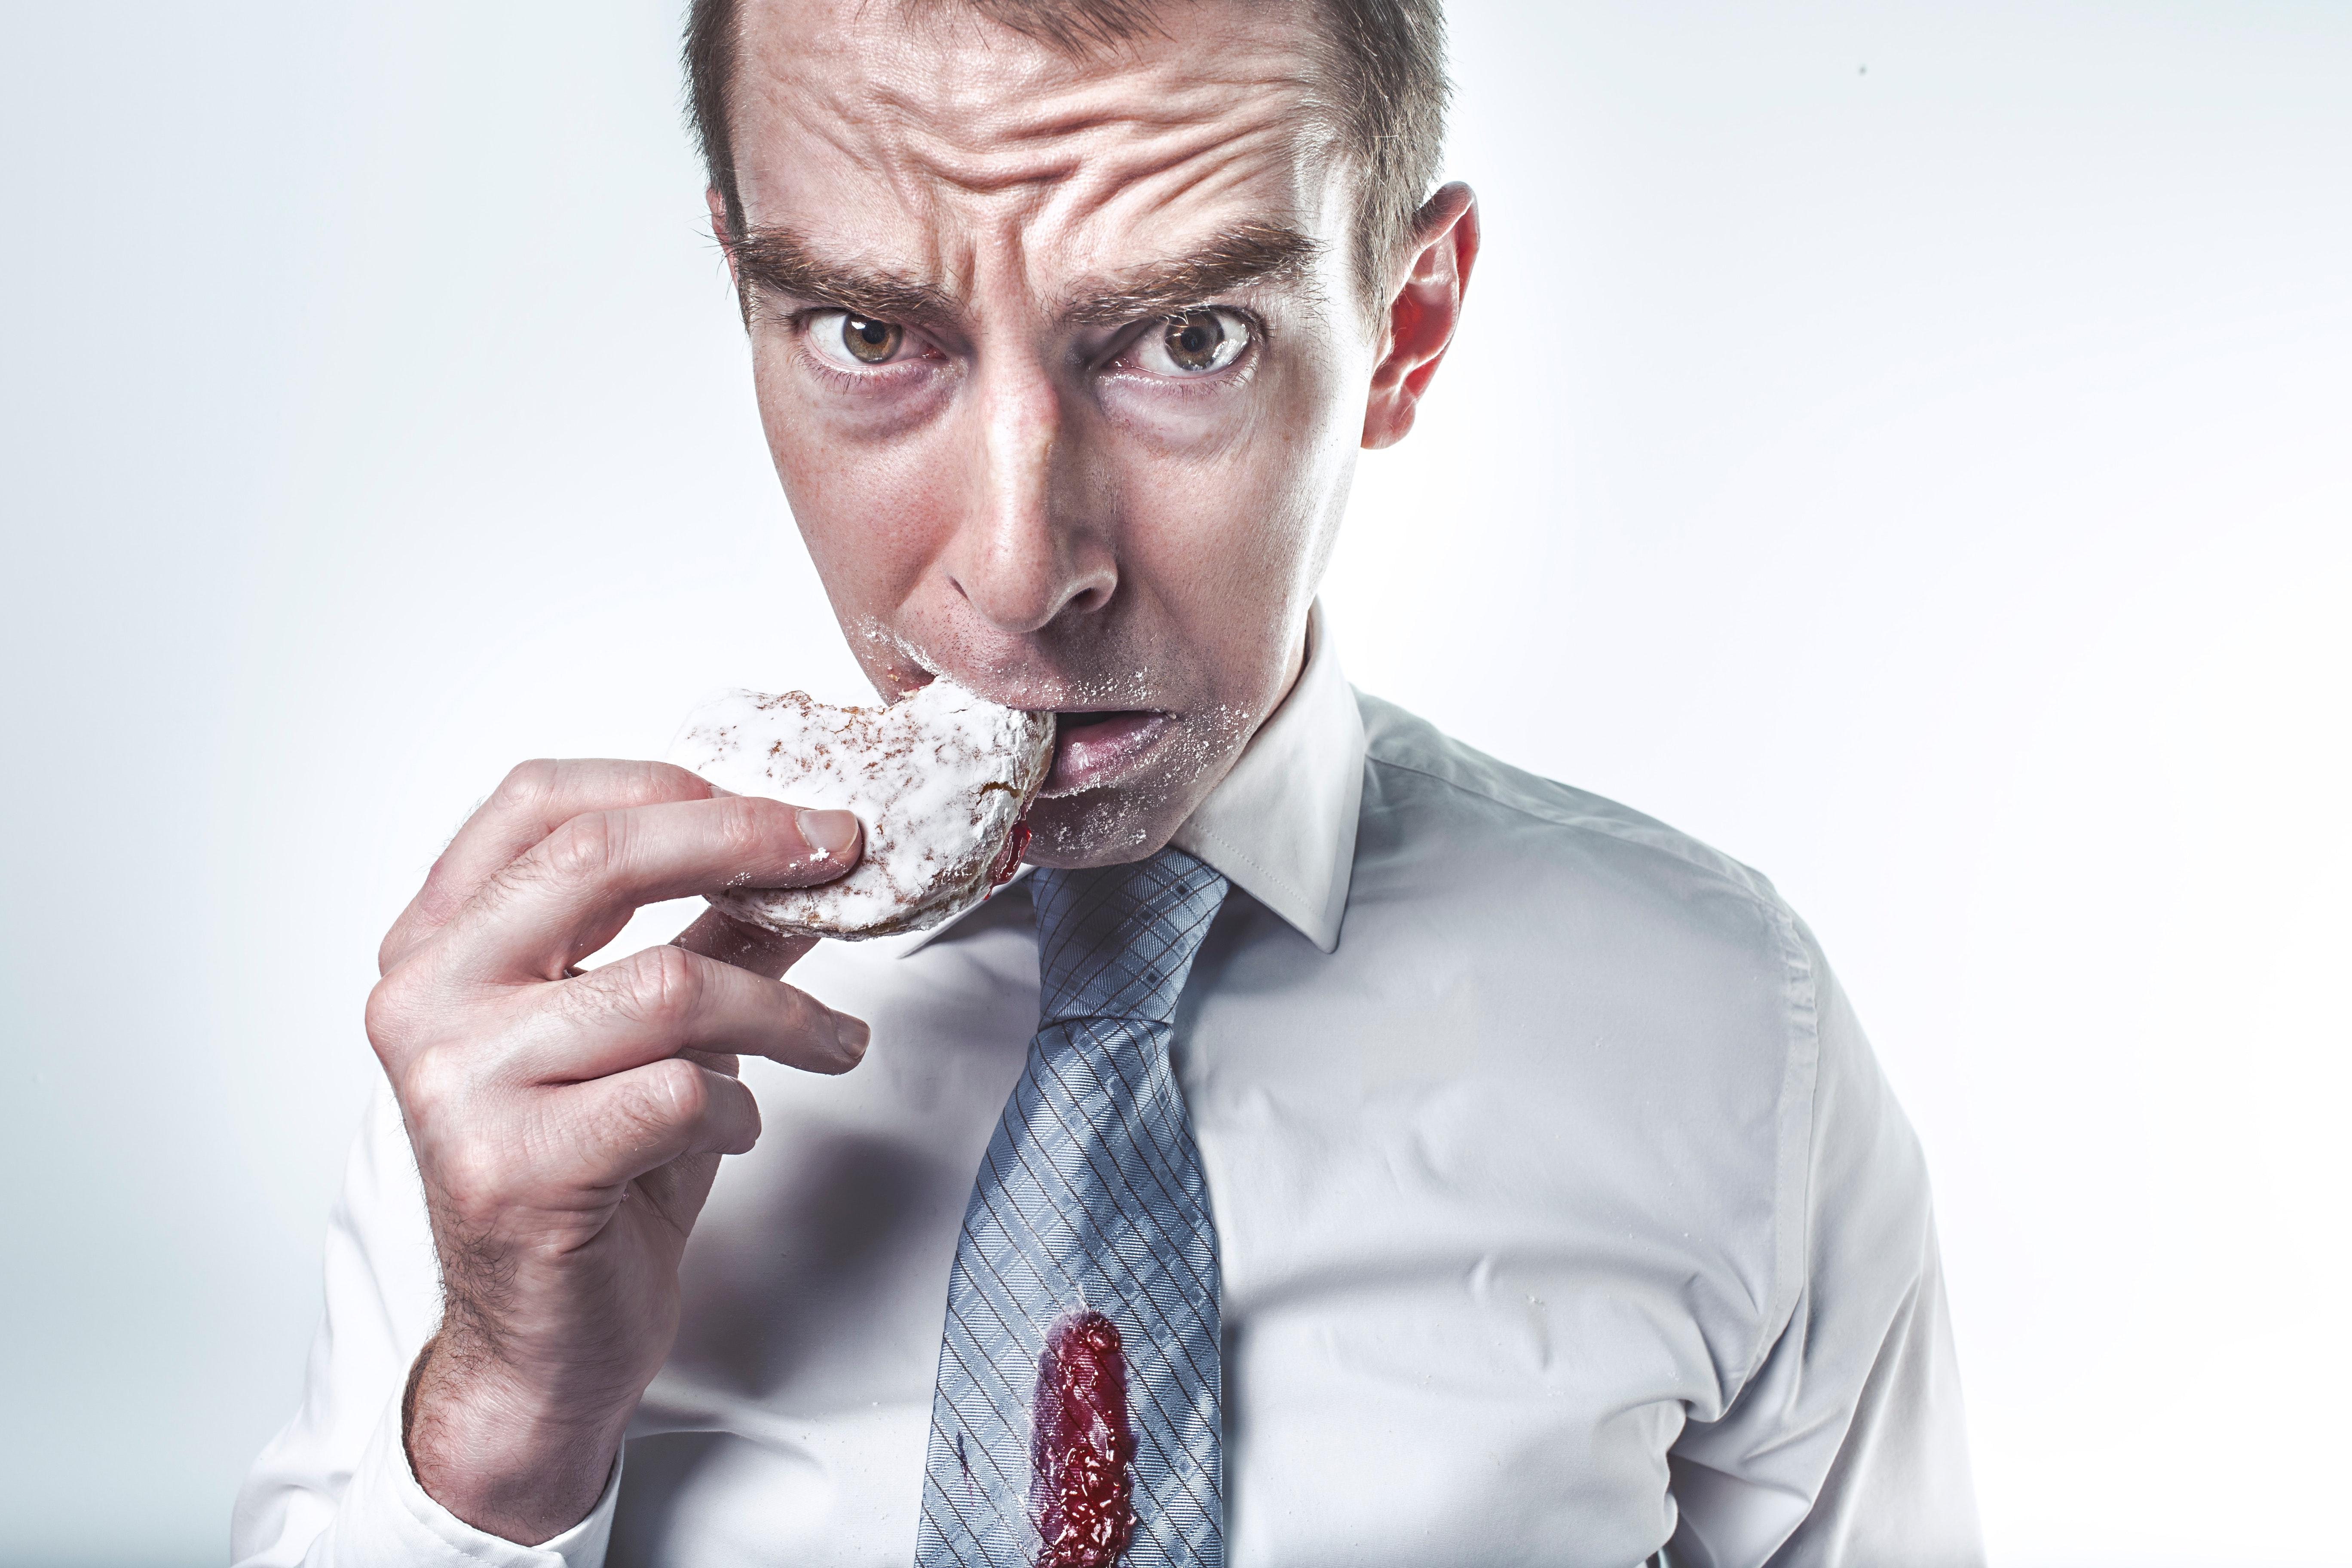 Cum recunoști diabetul și ce pași trebuie să urmezi apoi